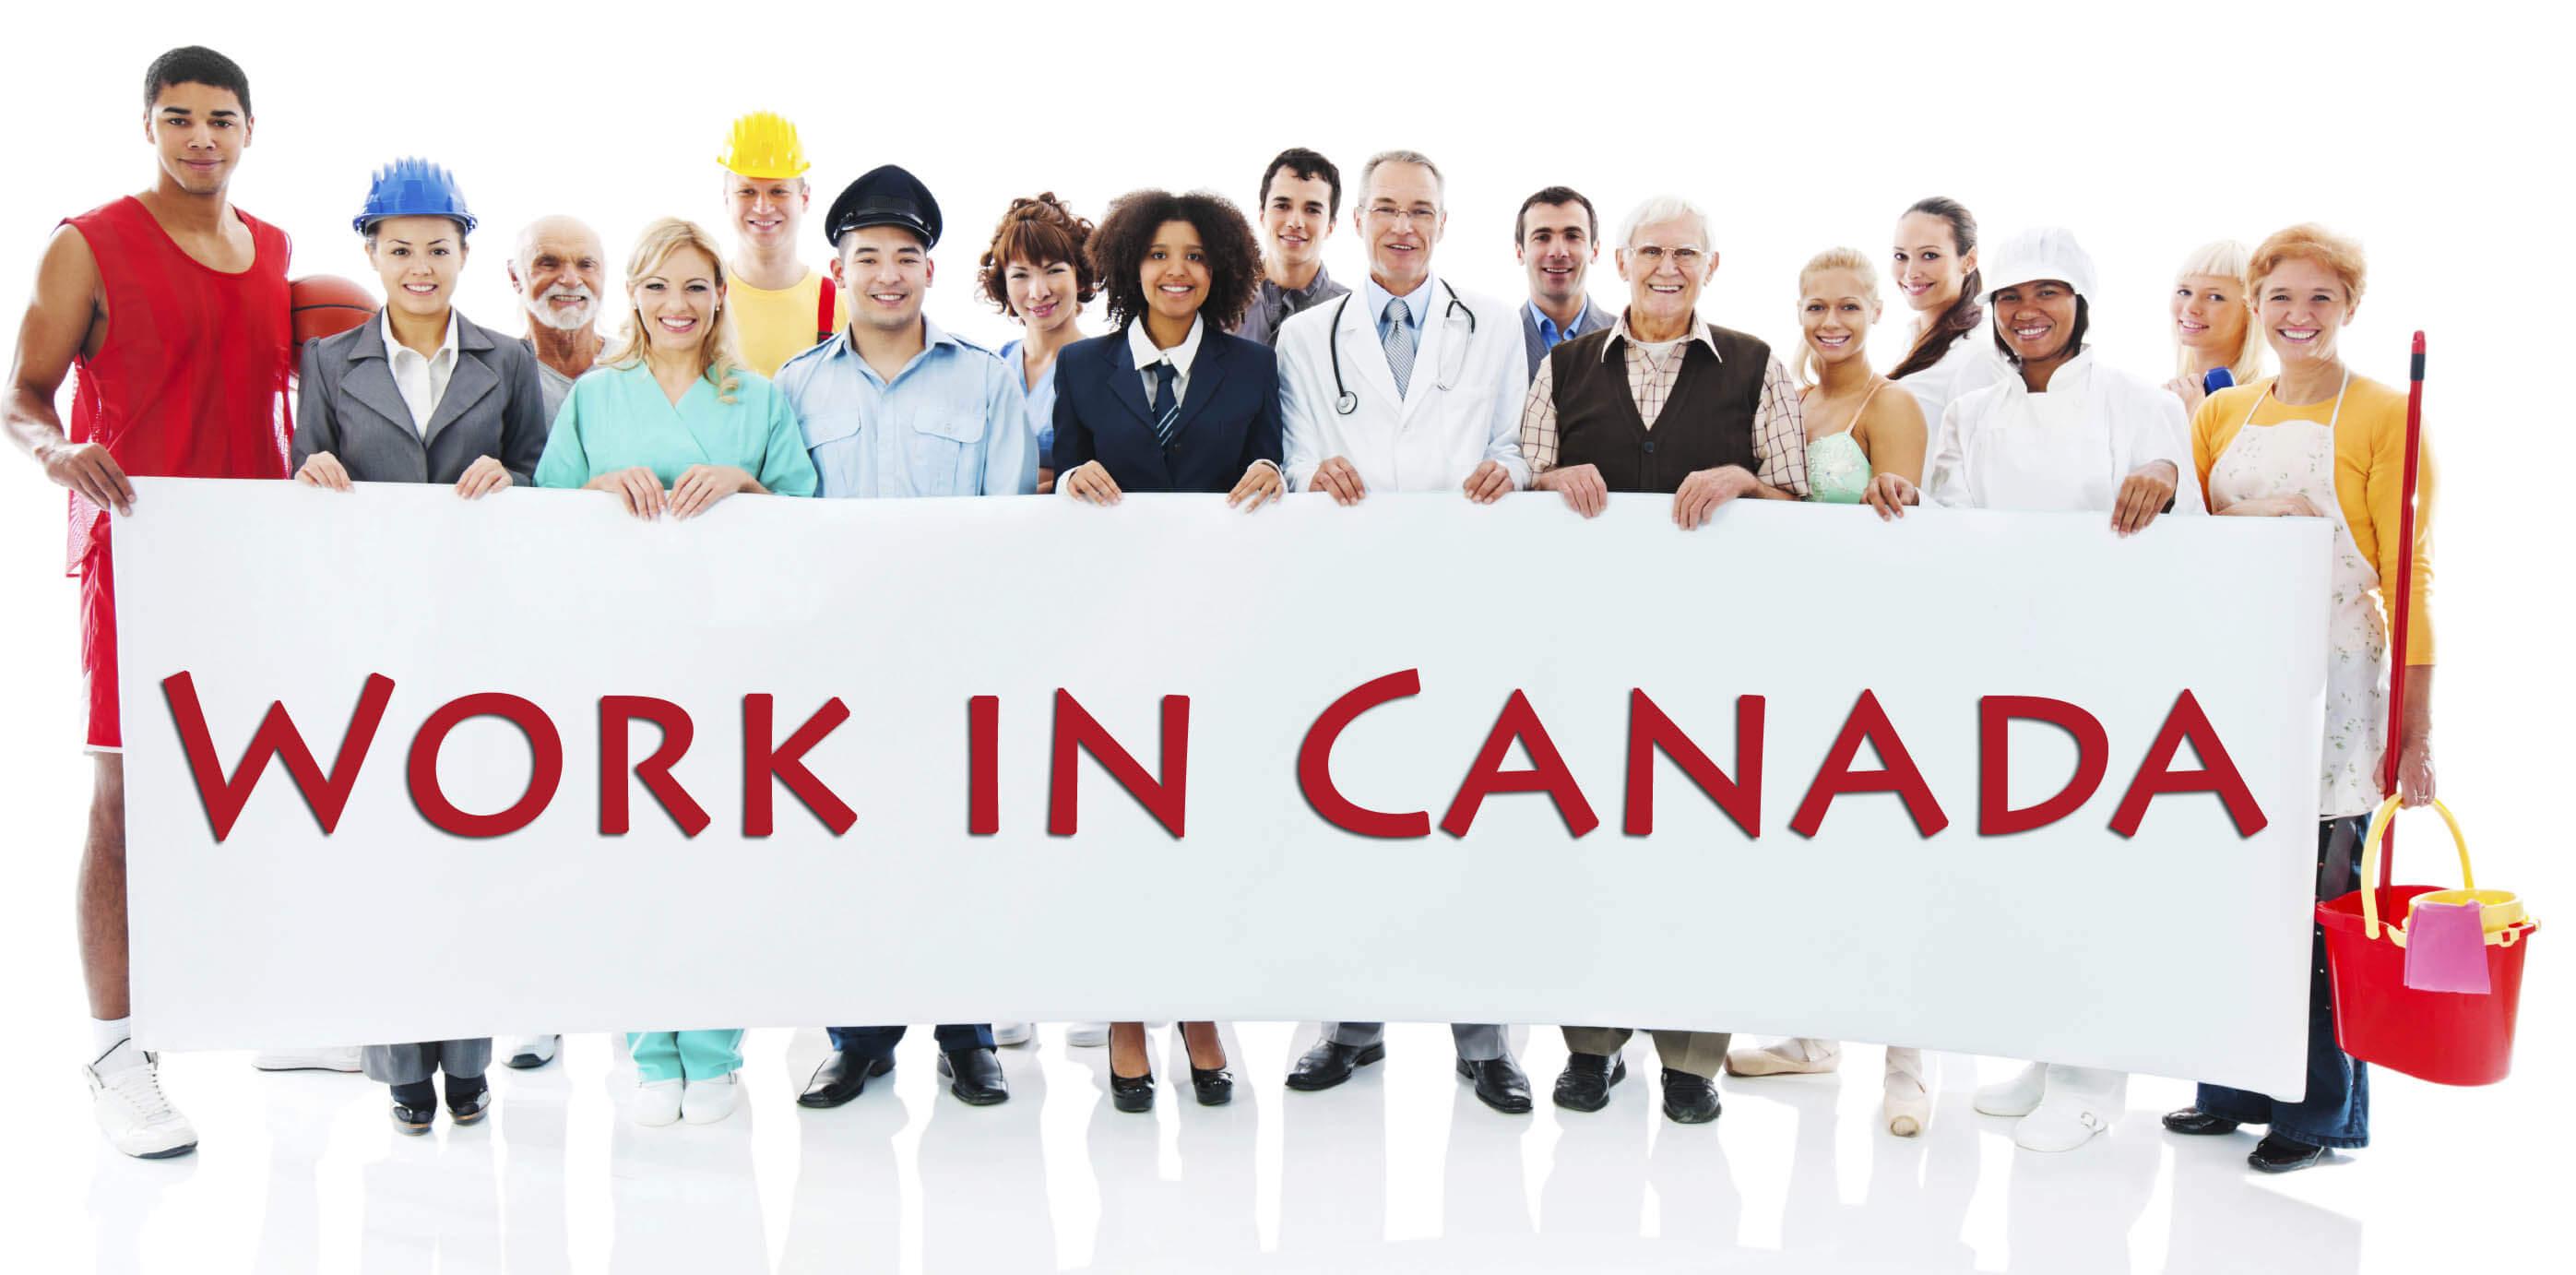 Canadá atinge um marco importante em sua dependência de Imigração WORK IN CANADA FB copy 1